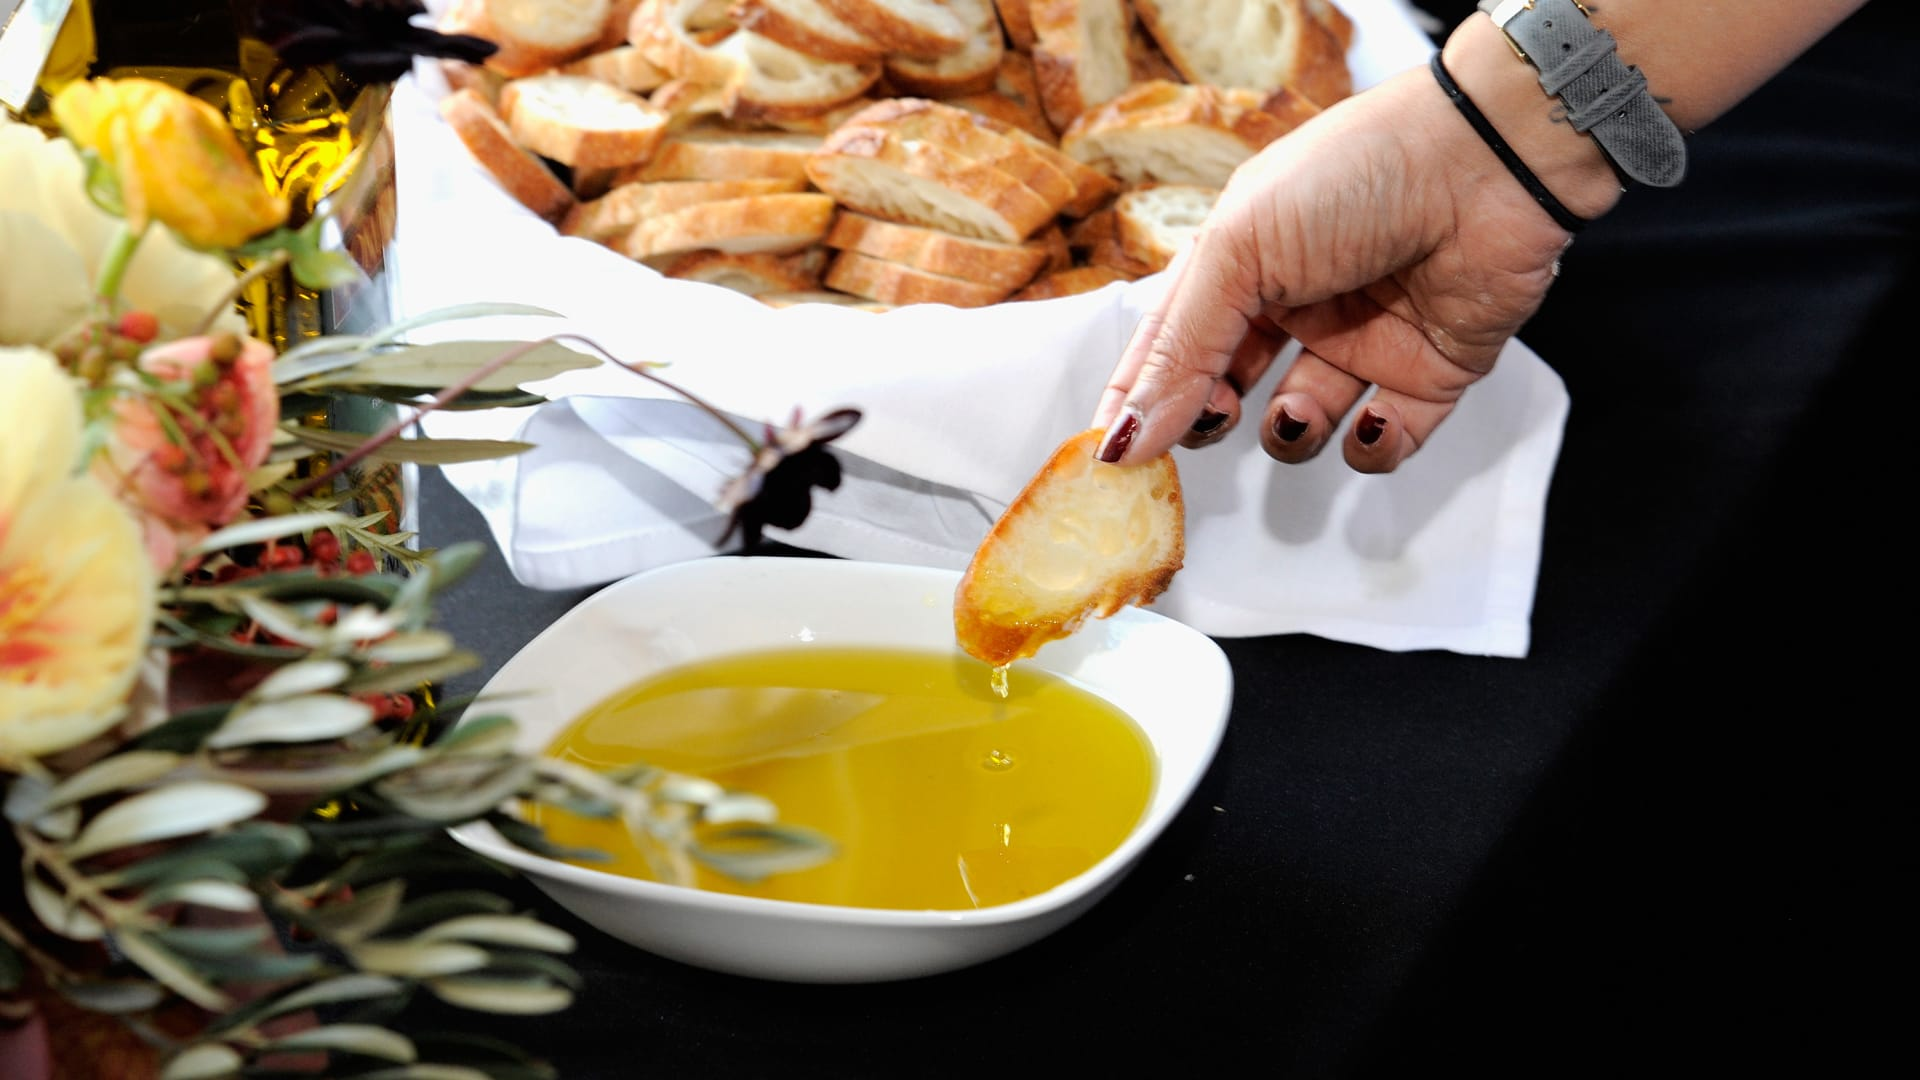 الصحة المصرية تحذر من هذه الدهون وتدعوك لتناول الصحية منها.. إليك القائمة